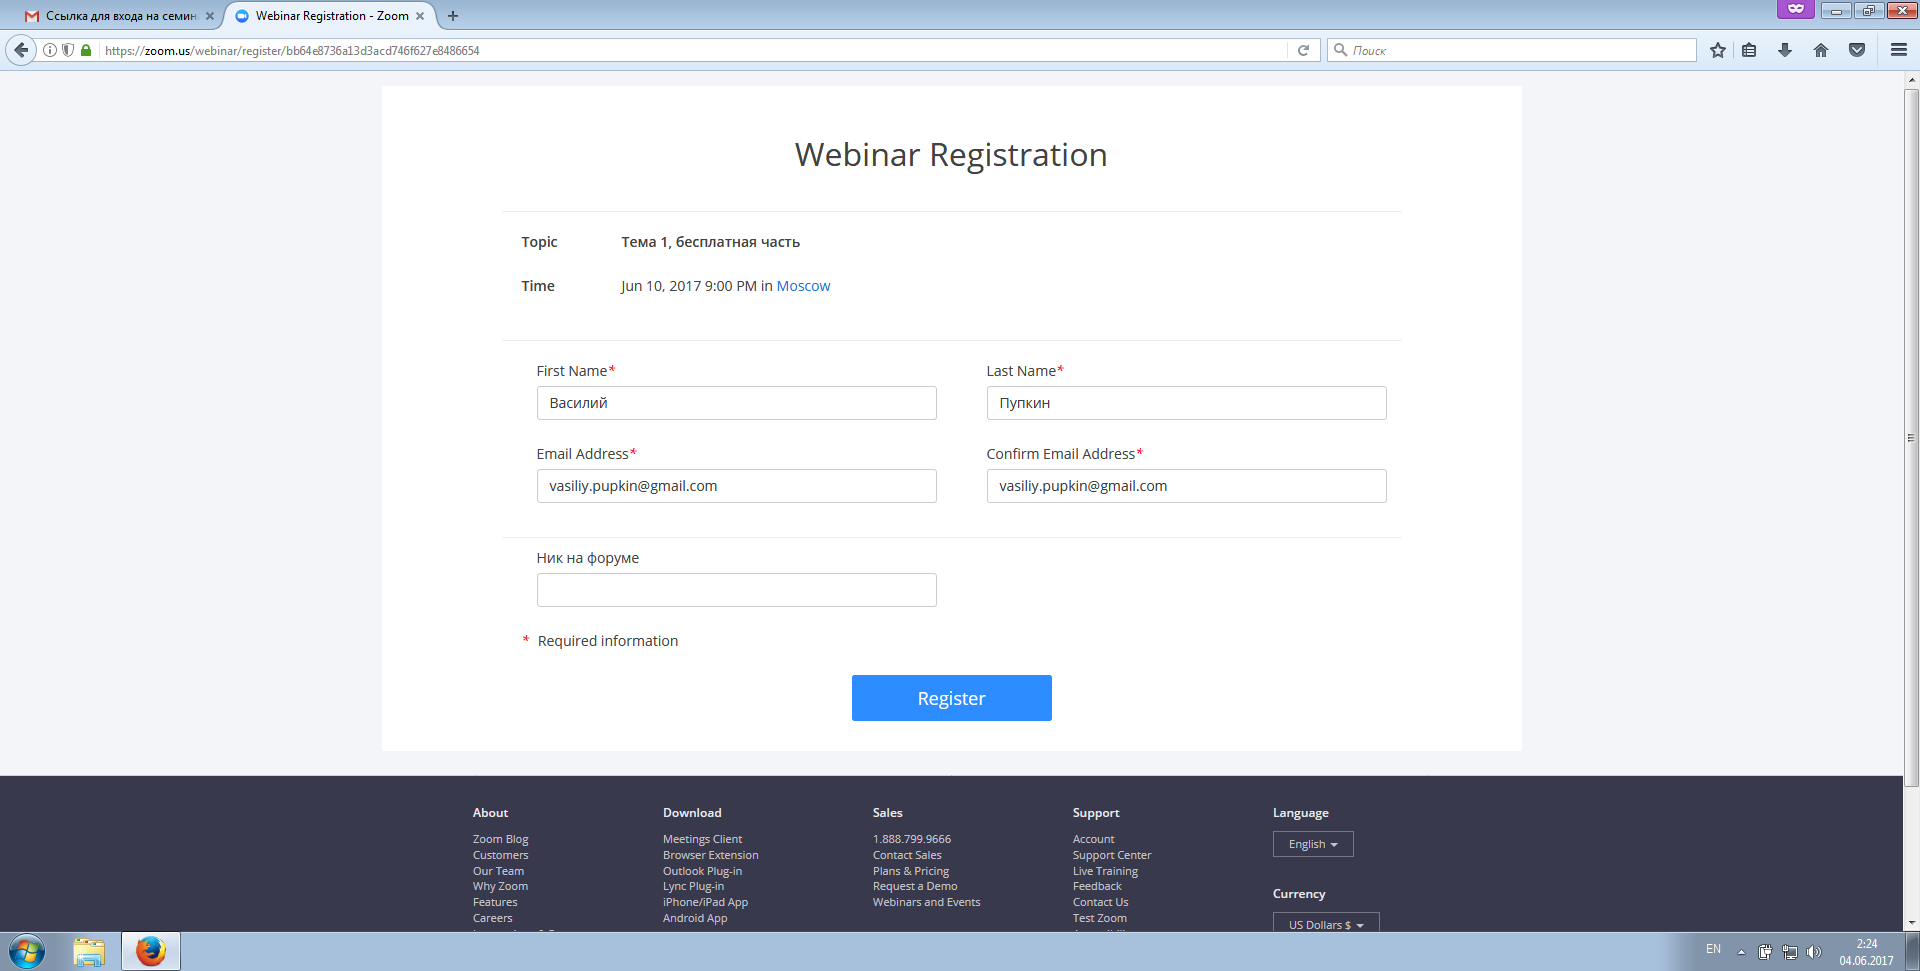 Инструкция по входу в ZOOM-вебинар